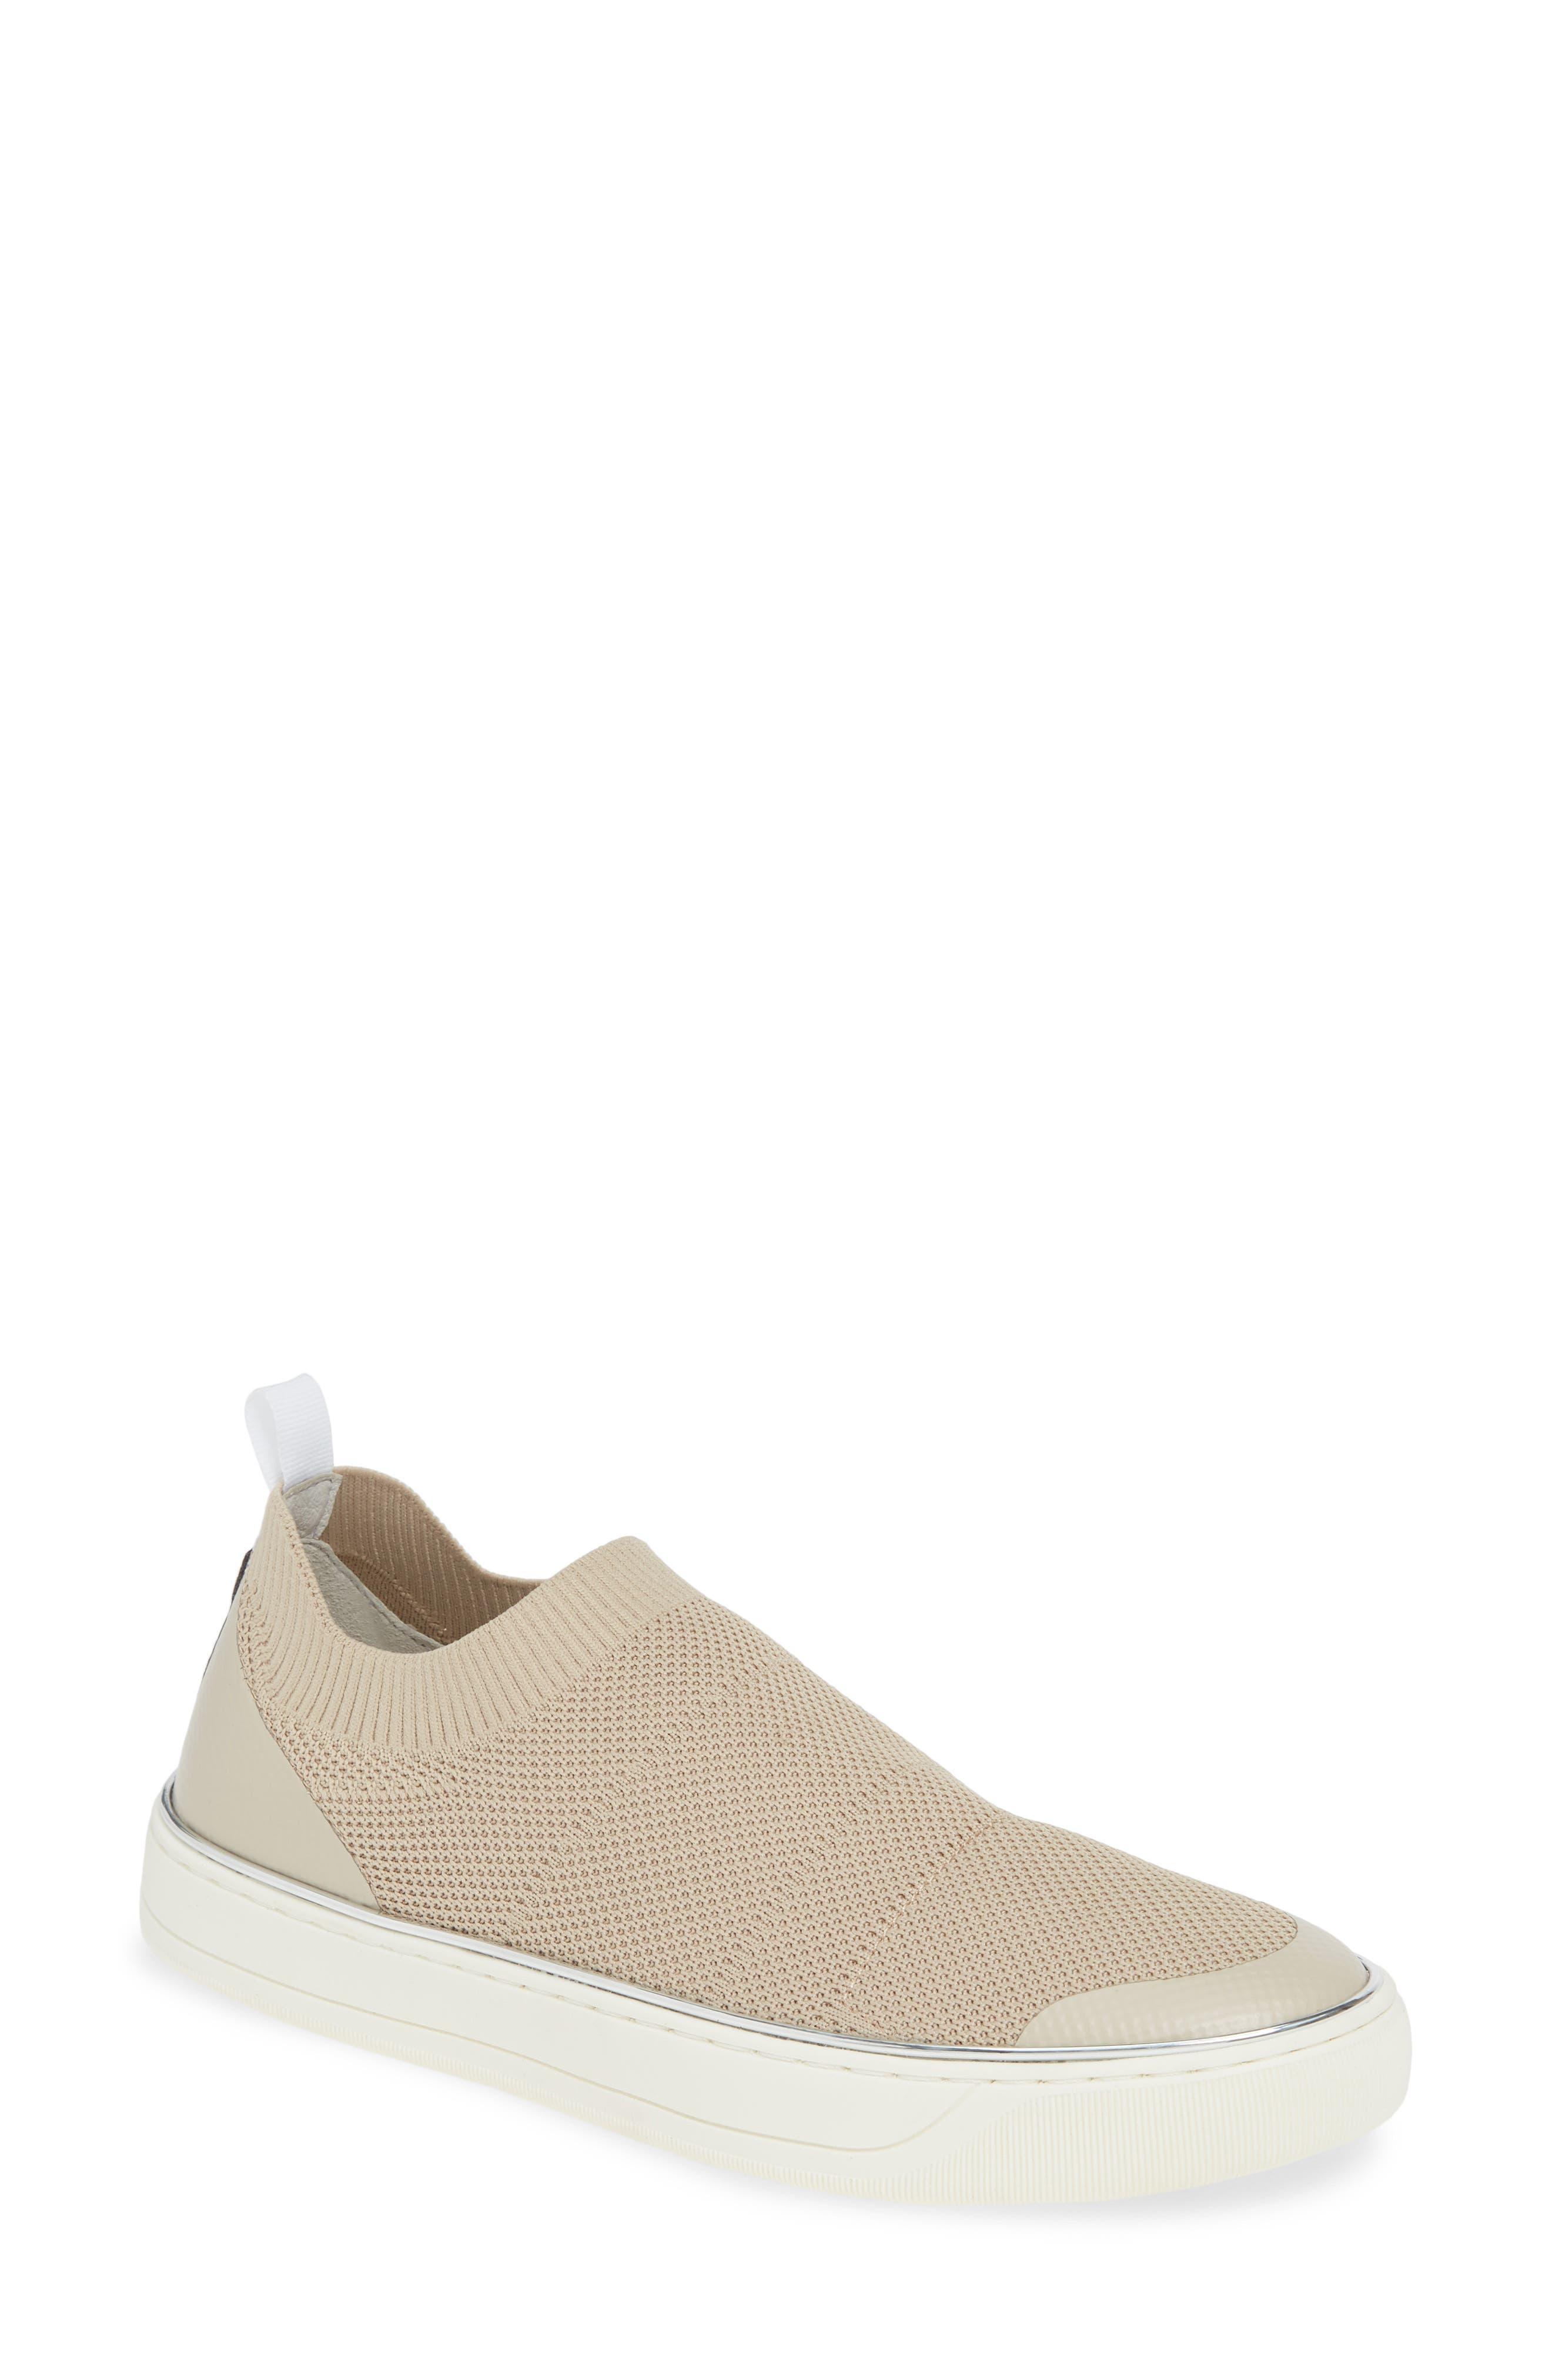 Johnston & Murphy Ember Slip-On Sneaker- Beige